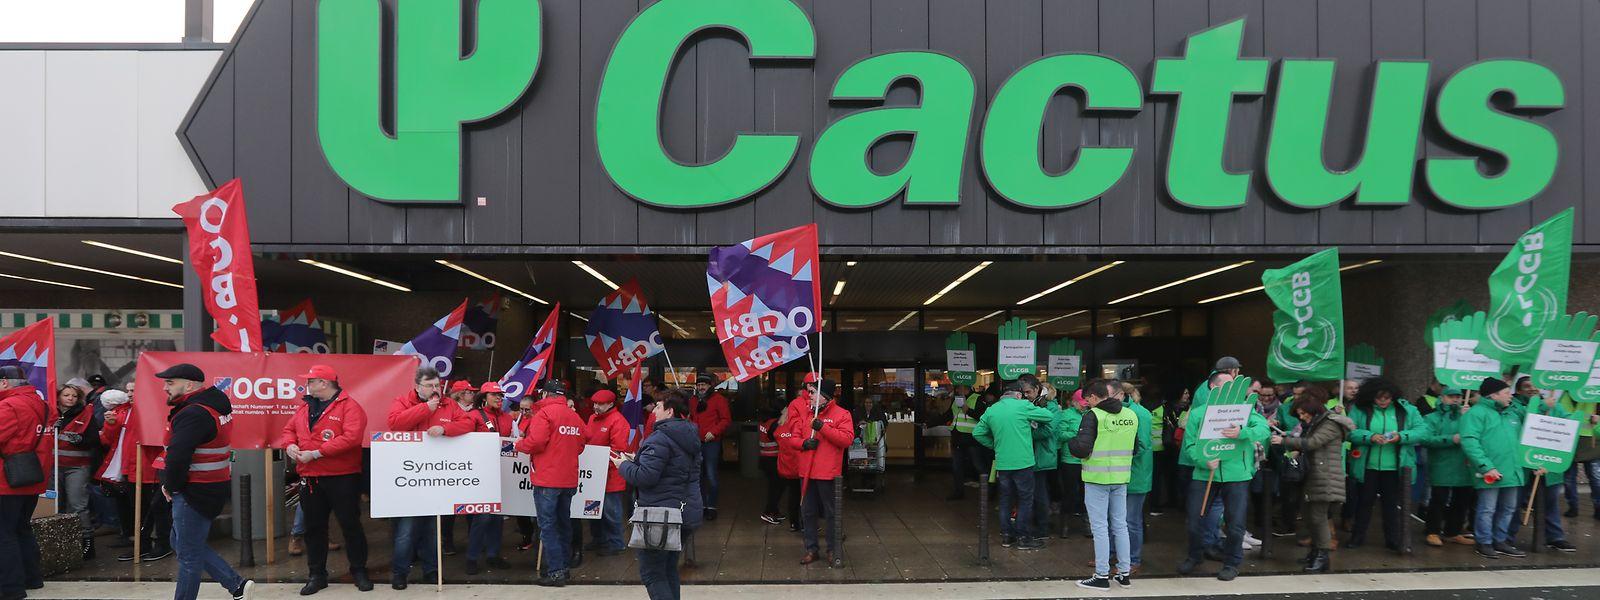 Aussitôt la nouvelle convention collective signée, les 3.200 salariés de Cactus bénéficieront d'une augmentation de 20 euros par mois valable rétroactivement dès le 1er janvier 2020.